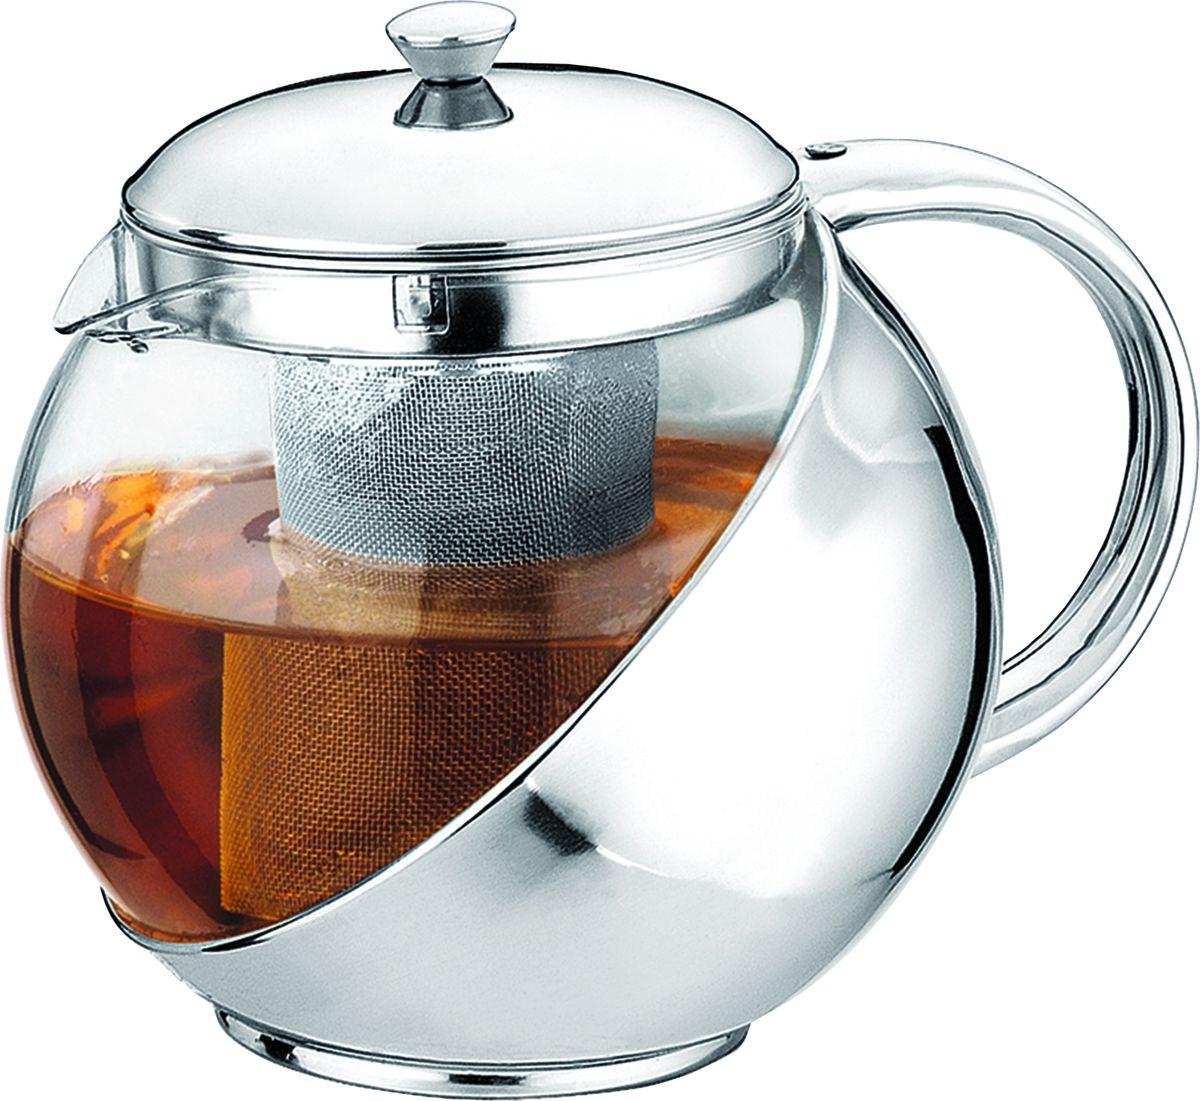 Чайник заварочный Irit, цвет: серебристый, 0,75 л чайник заварочный irit amp 100 2200 вт белый 1 7 л пластик